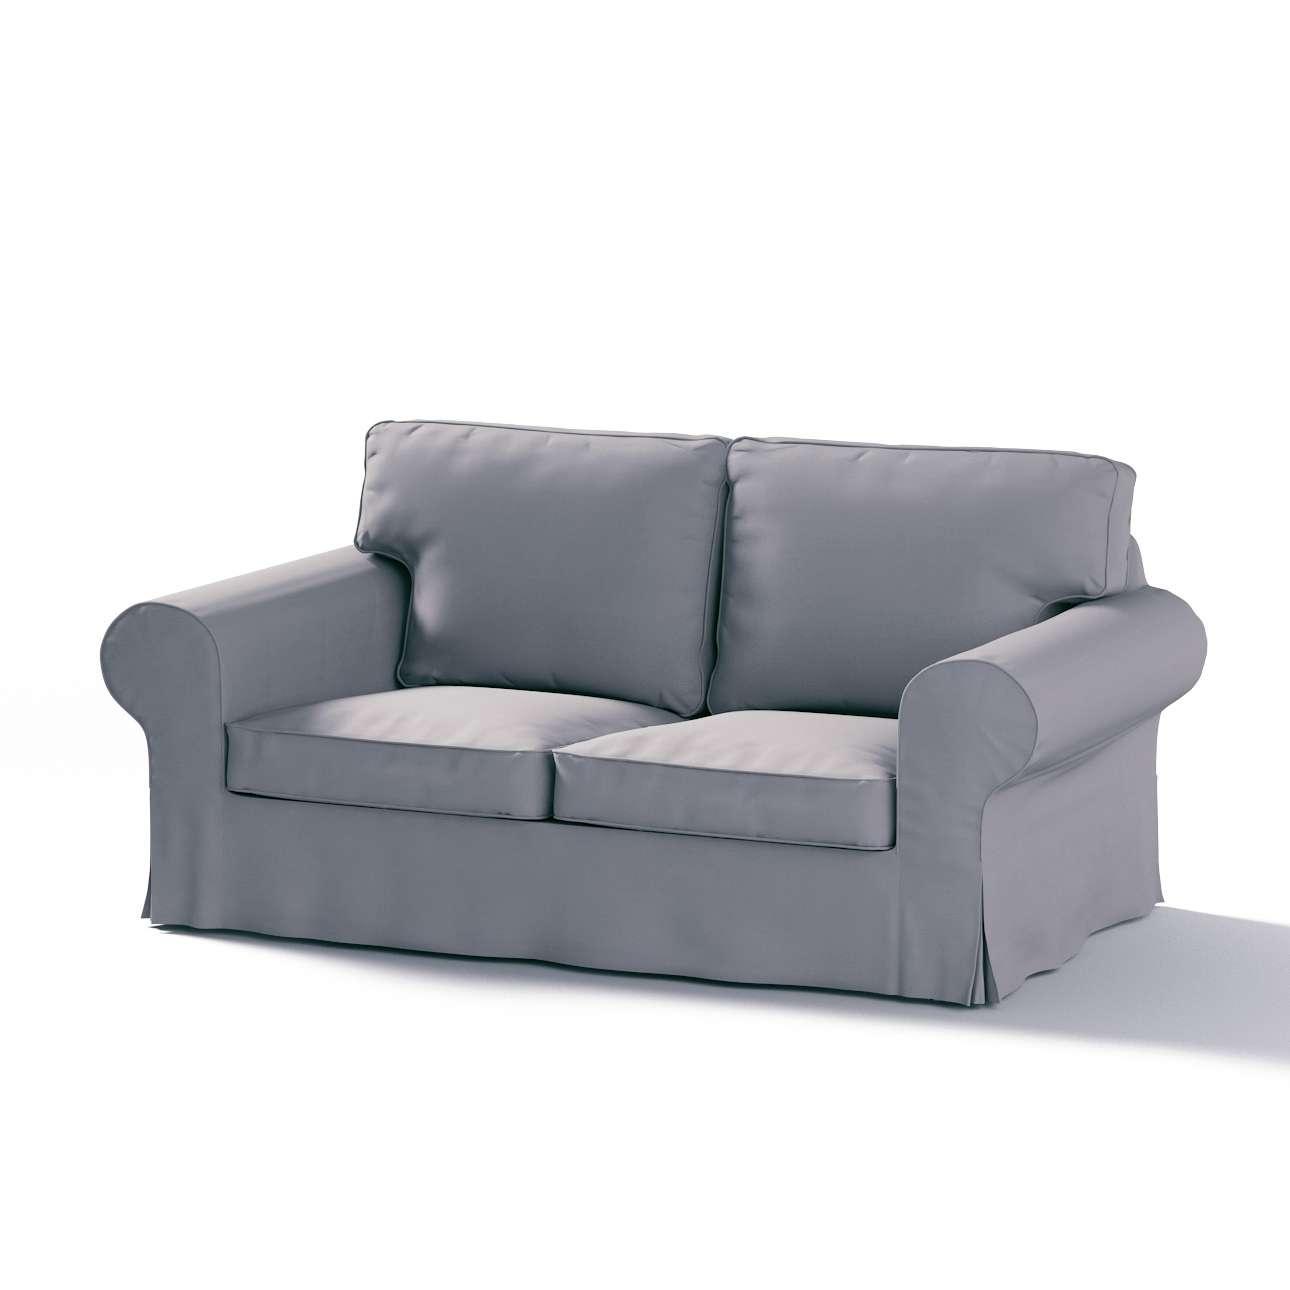 Pokrowiec na sofę Ektorp 2-osobową rozkładaną, model po 2012 w kolekcji Cotton Panama, tkanina: 702-07